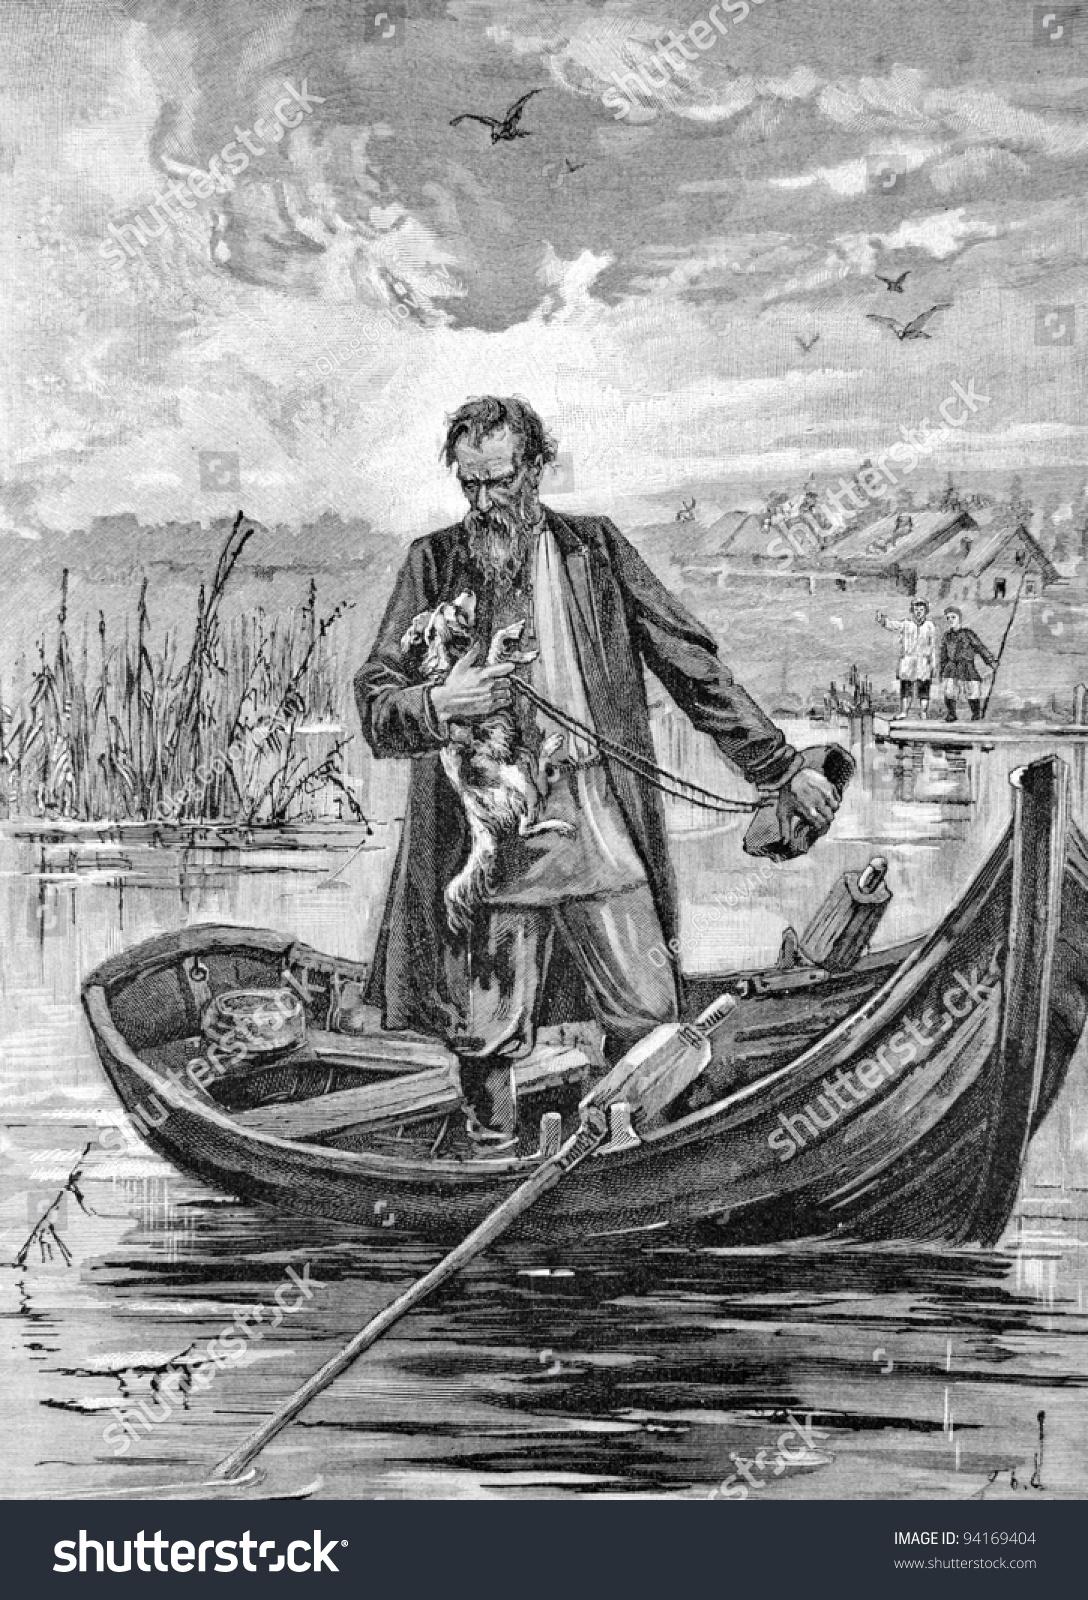 Why Gerasim drowned Mumu 6